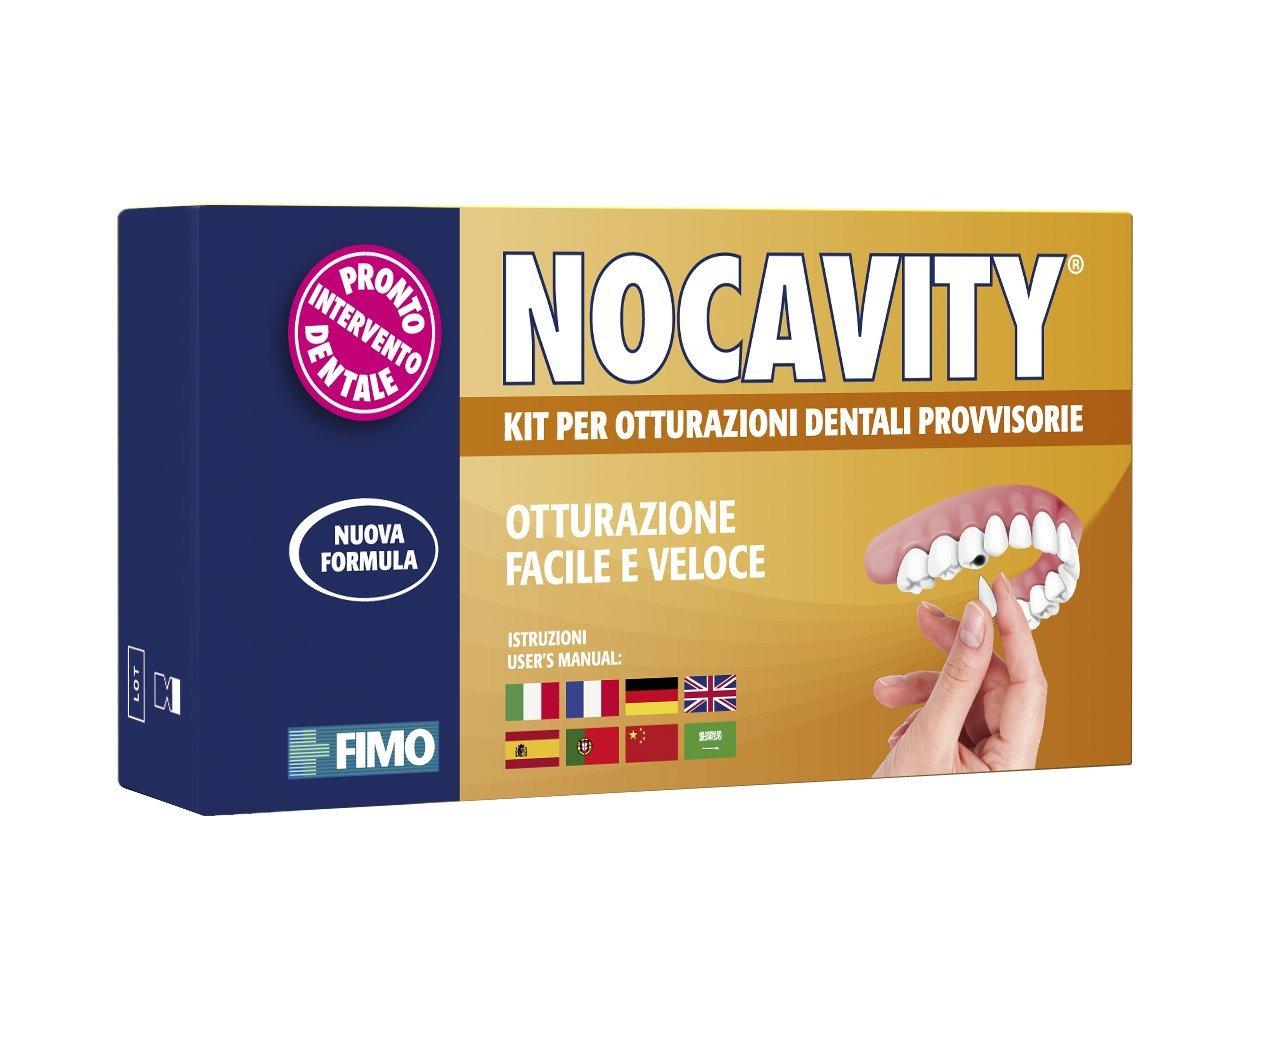 Nocavity NUOVA FORMULA Kit per Otturazioni Dentali Provvisorie. Isola la cavità dentale e riduce il dolore in caso di perdita di otturazioni, piccole carie